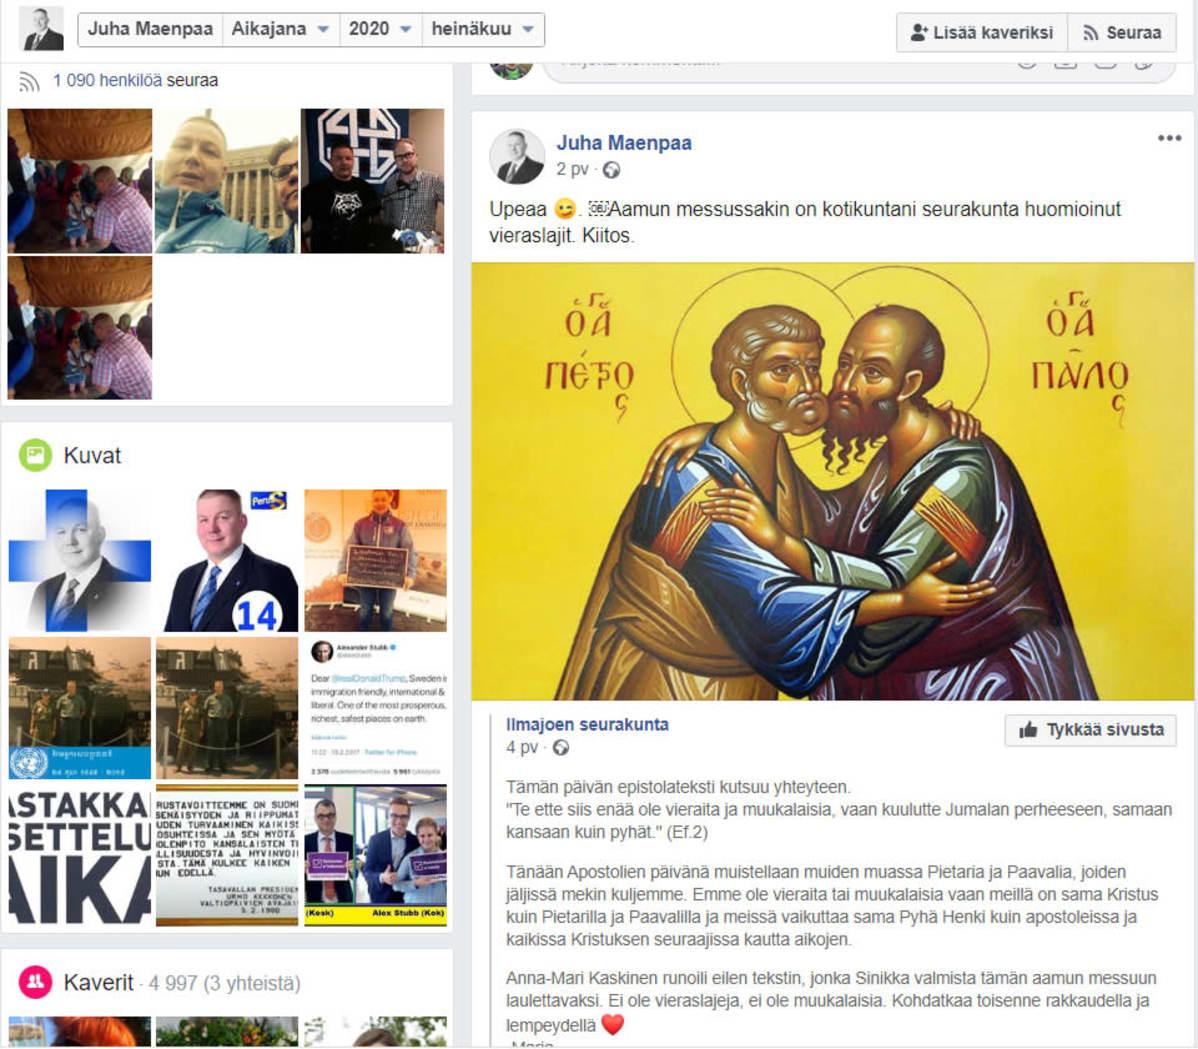 Kuvakaappaus Juha Mäenpään Facebook-sivusta, jossa hän kommentoi Ilmajoen seurakunnan Facebook-päivitystä sanoin: Upeaa. Aamun messussakin on kotikuntani seurakunta huomioinut vieraslajit. Kiitos.